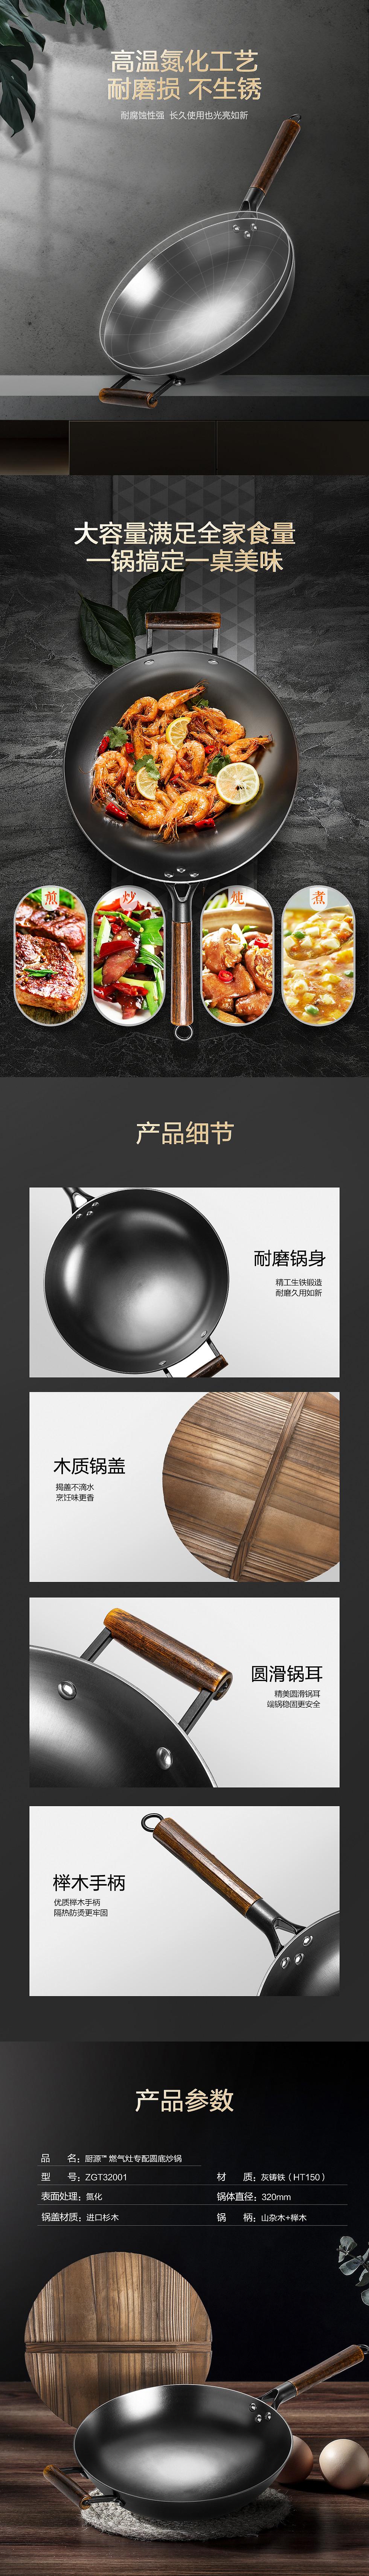 厨源炒锅(2).jpg